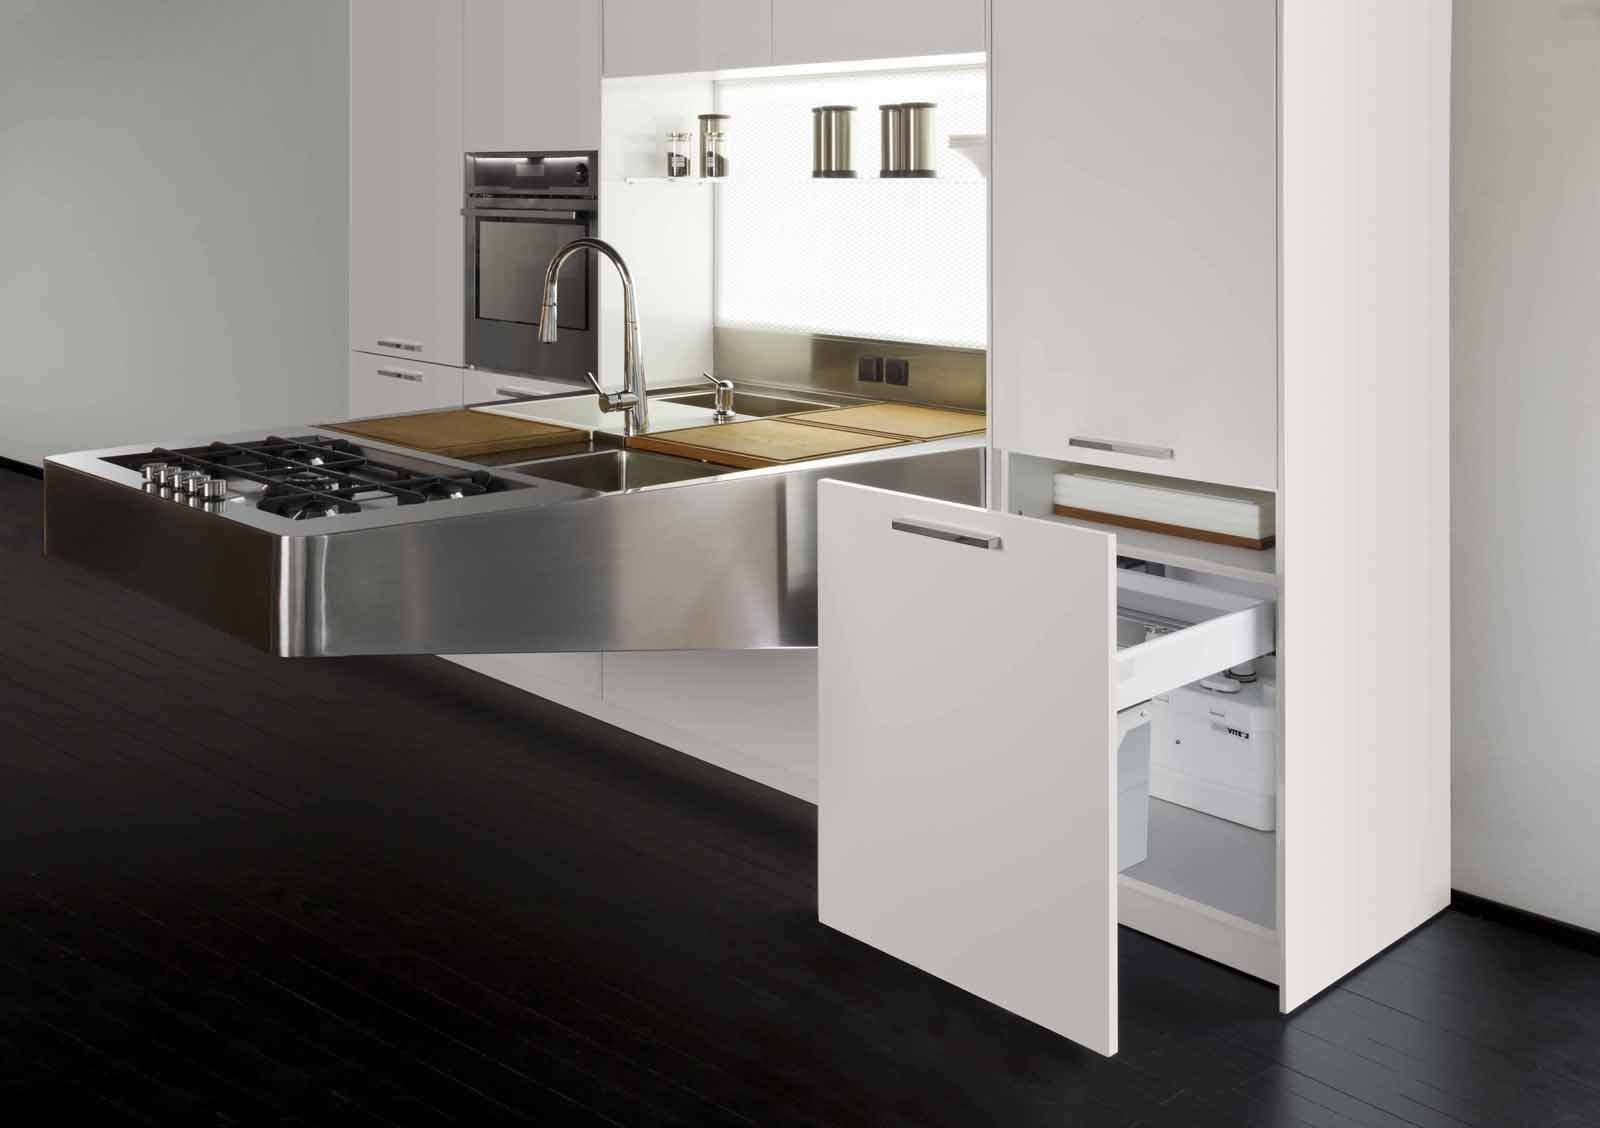 Cucine come spostare il lavello senza lavori cose di casa - Cucine a induzione consumi ...